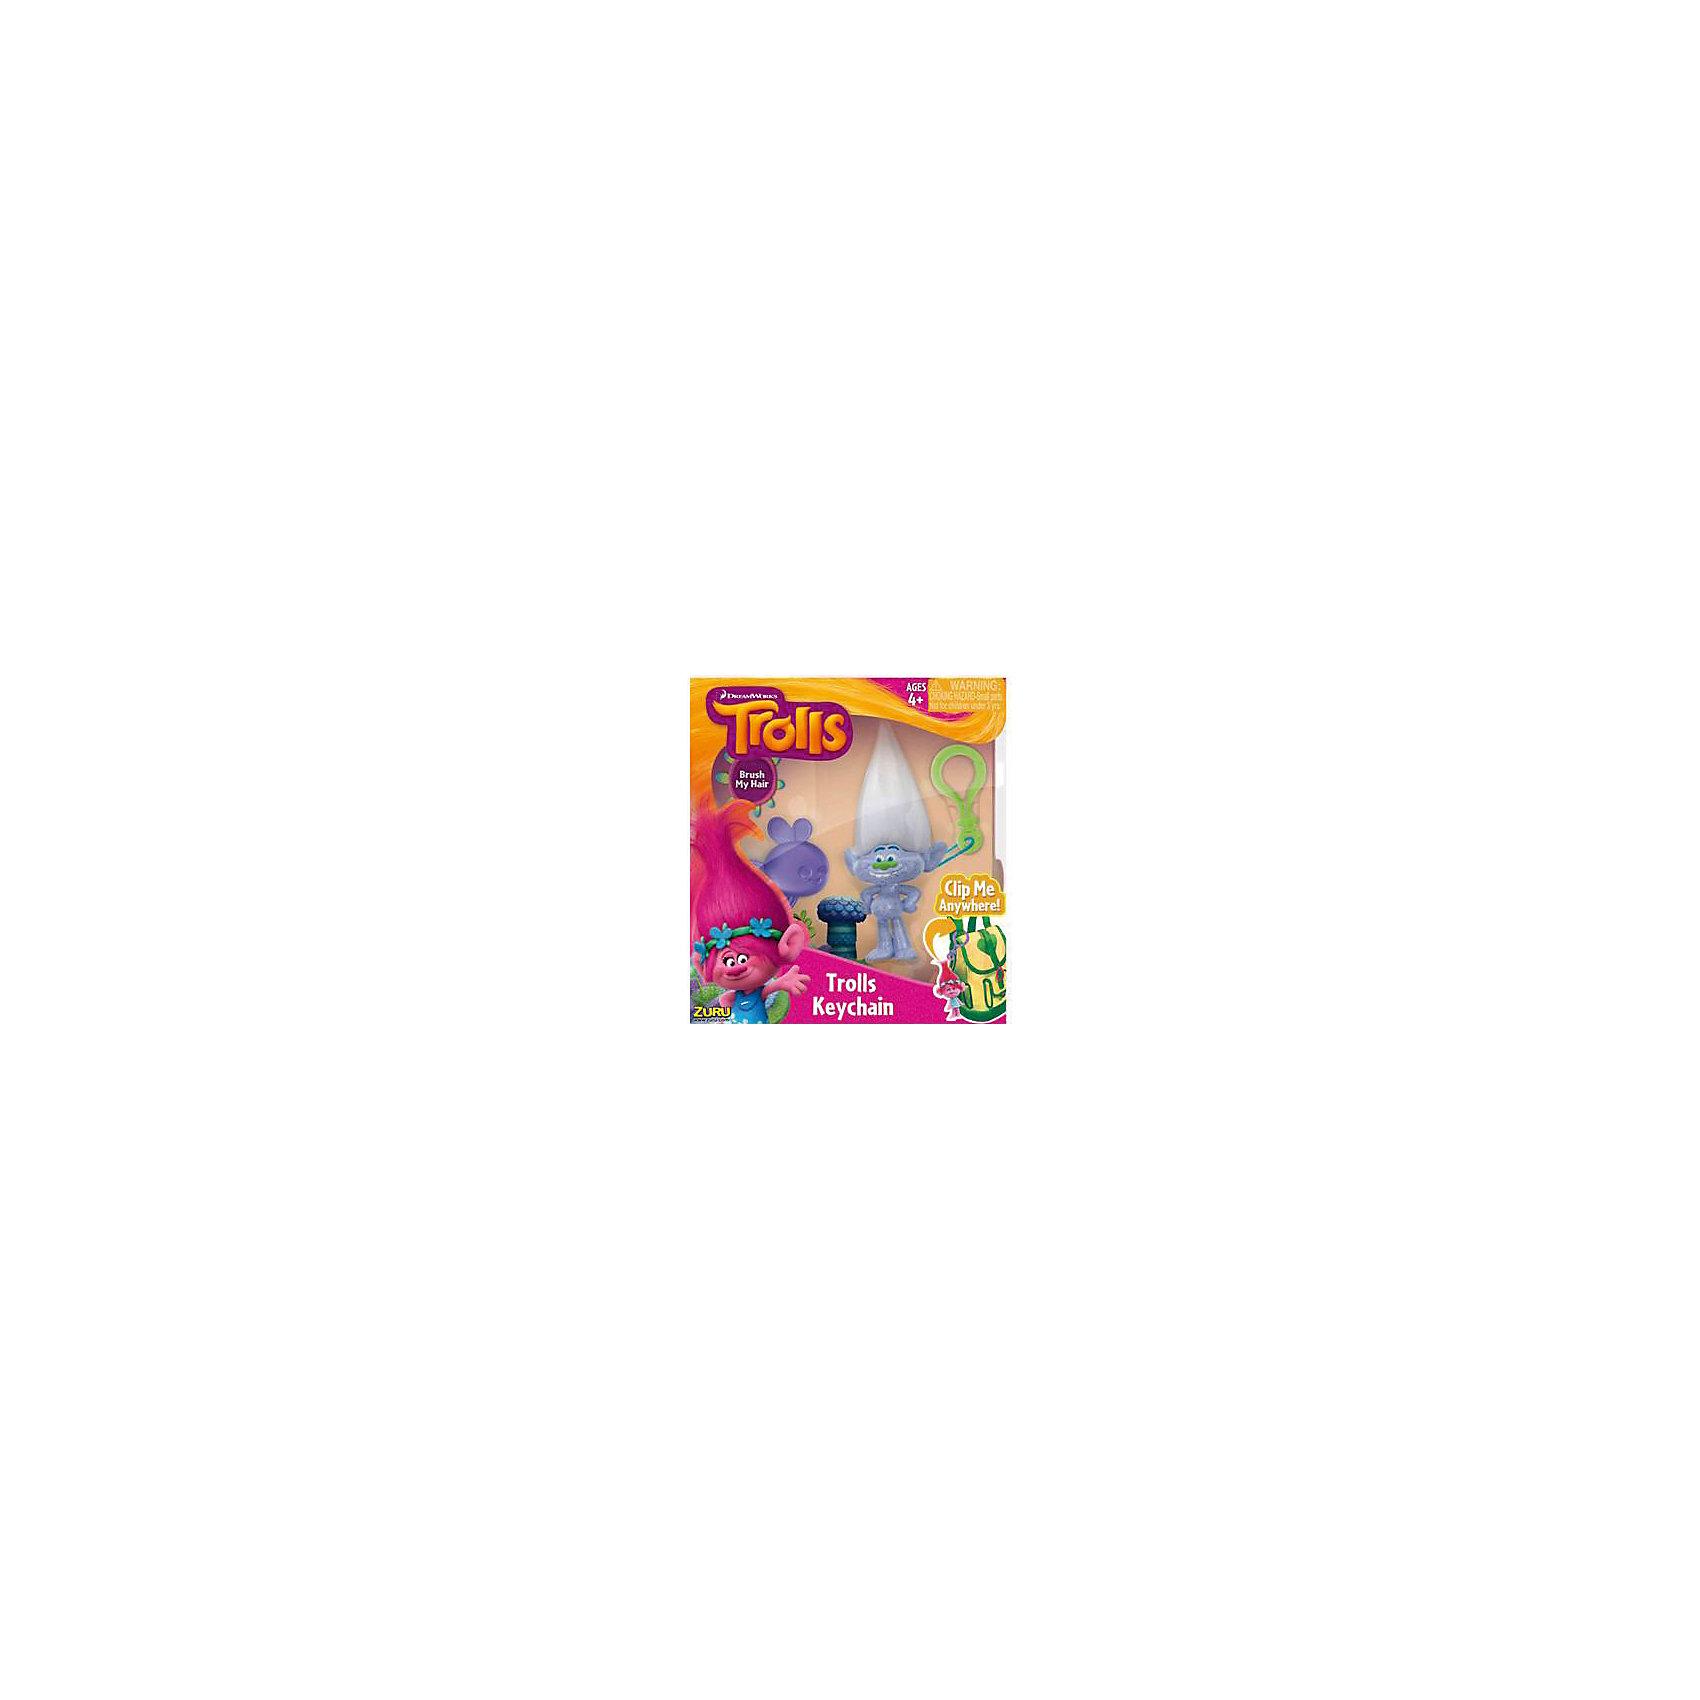 Фигурка Тролля Guy Diamond, на брелке в наборе с расческой, Тролли